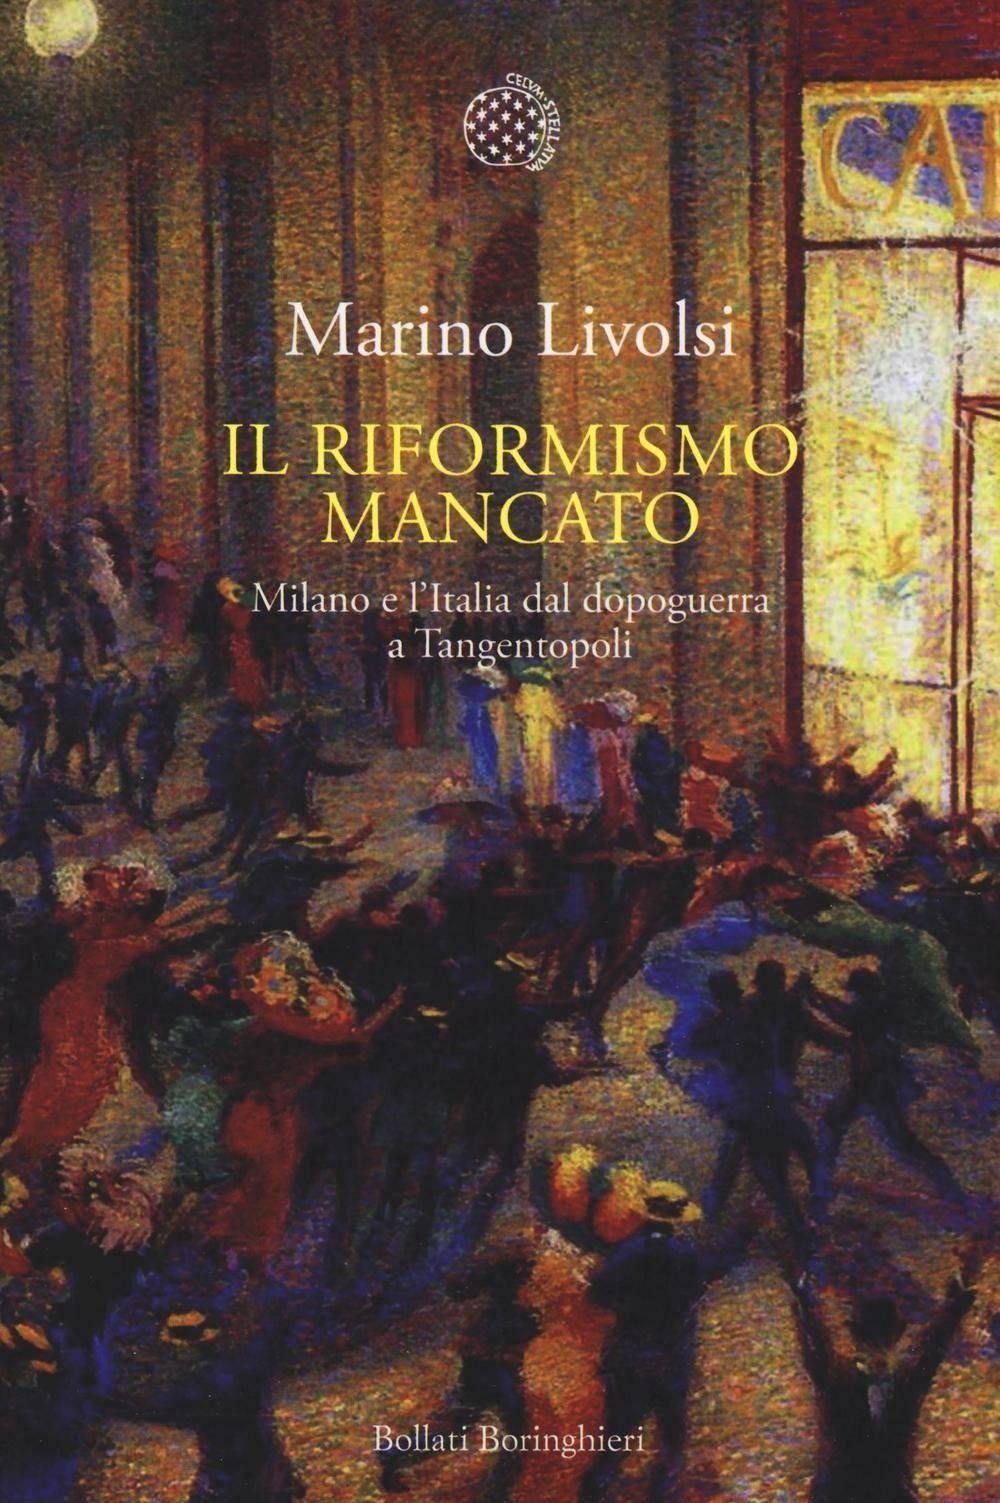 Il riformismo mancato. Milano e l'Italia dal dopogeurra a Tangentopoli.